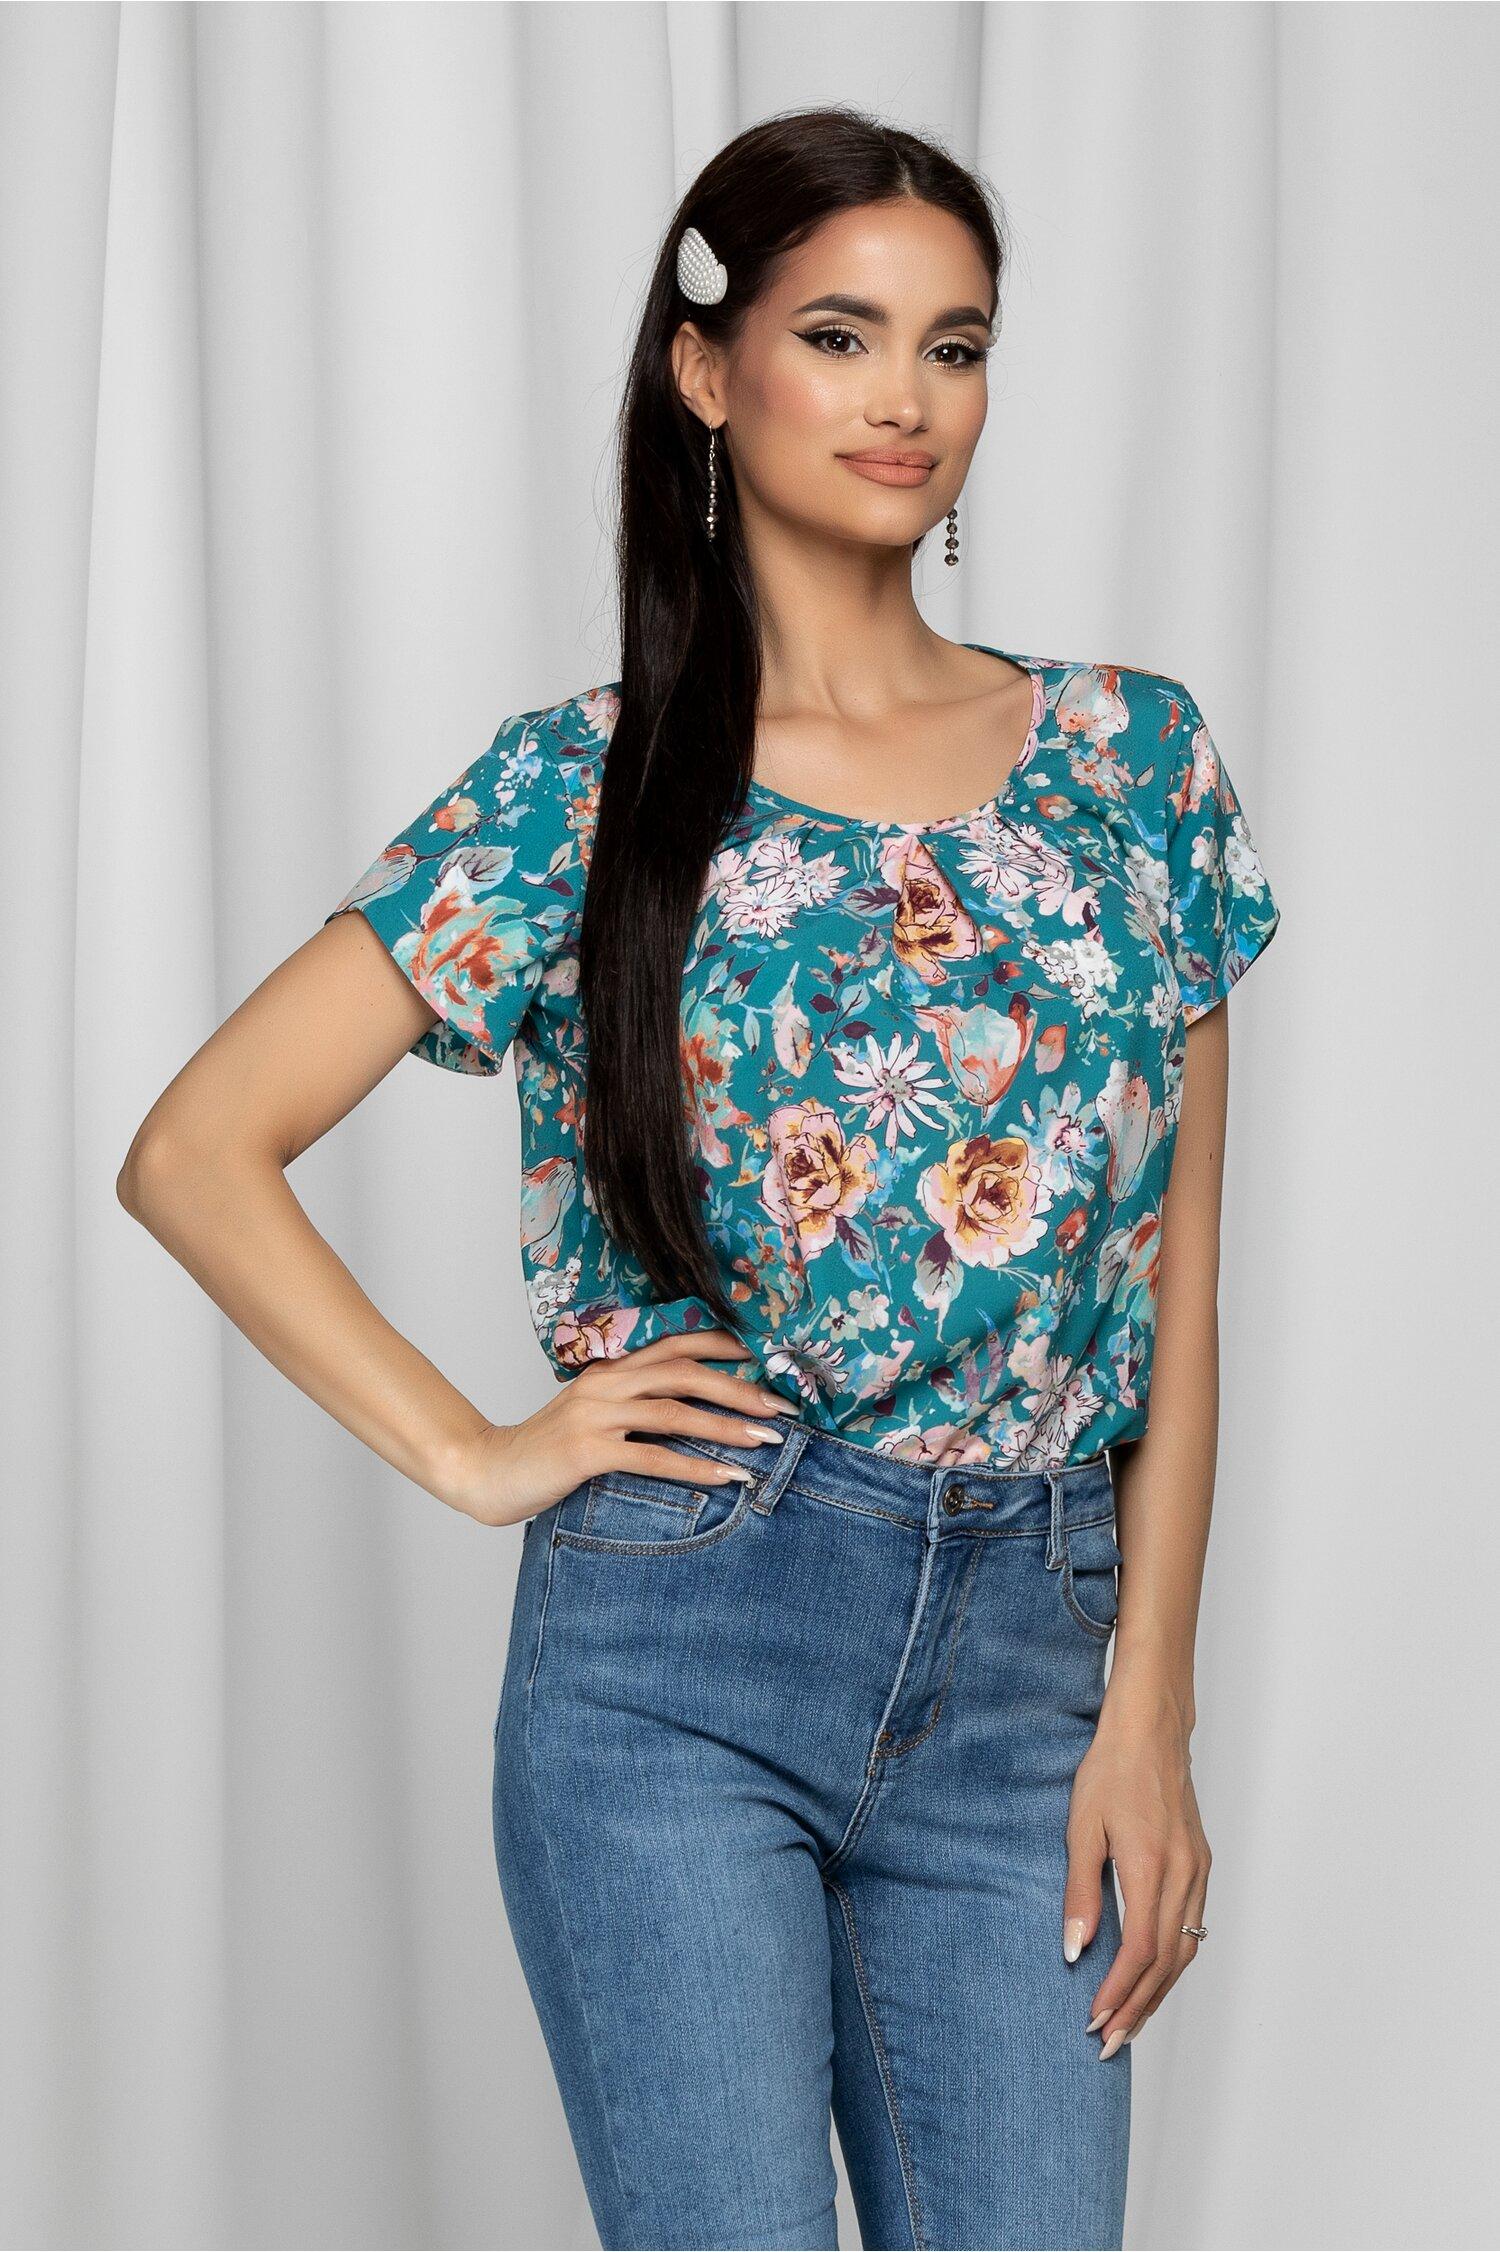 Bluza LaDonna turcoaz cu imprimeu floral si design cu pliuri la bust